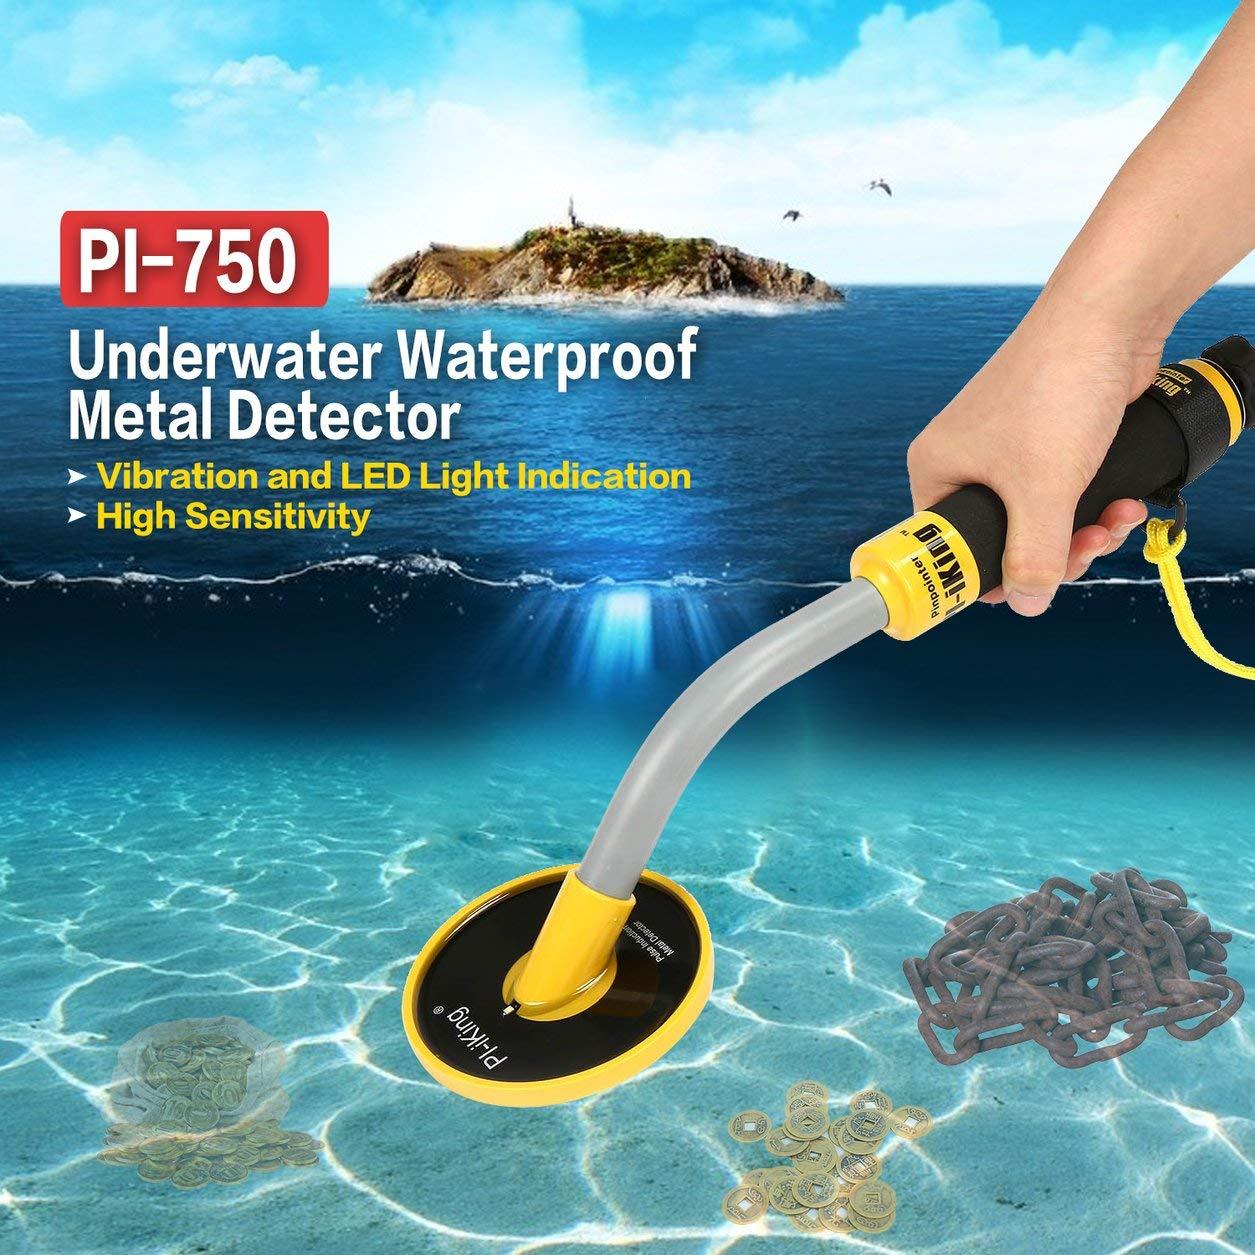 PI-750 Submarino de mano detector de metales impermeable de la moneda de oro del tesoro búsqueda: Amazon.es: Hogar